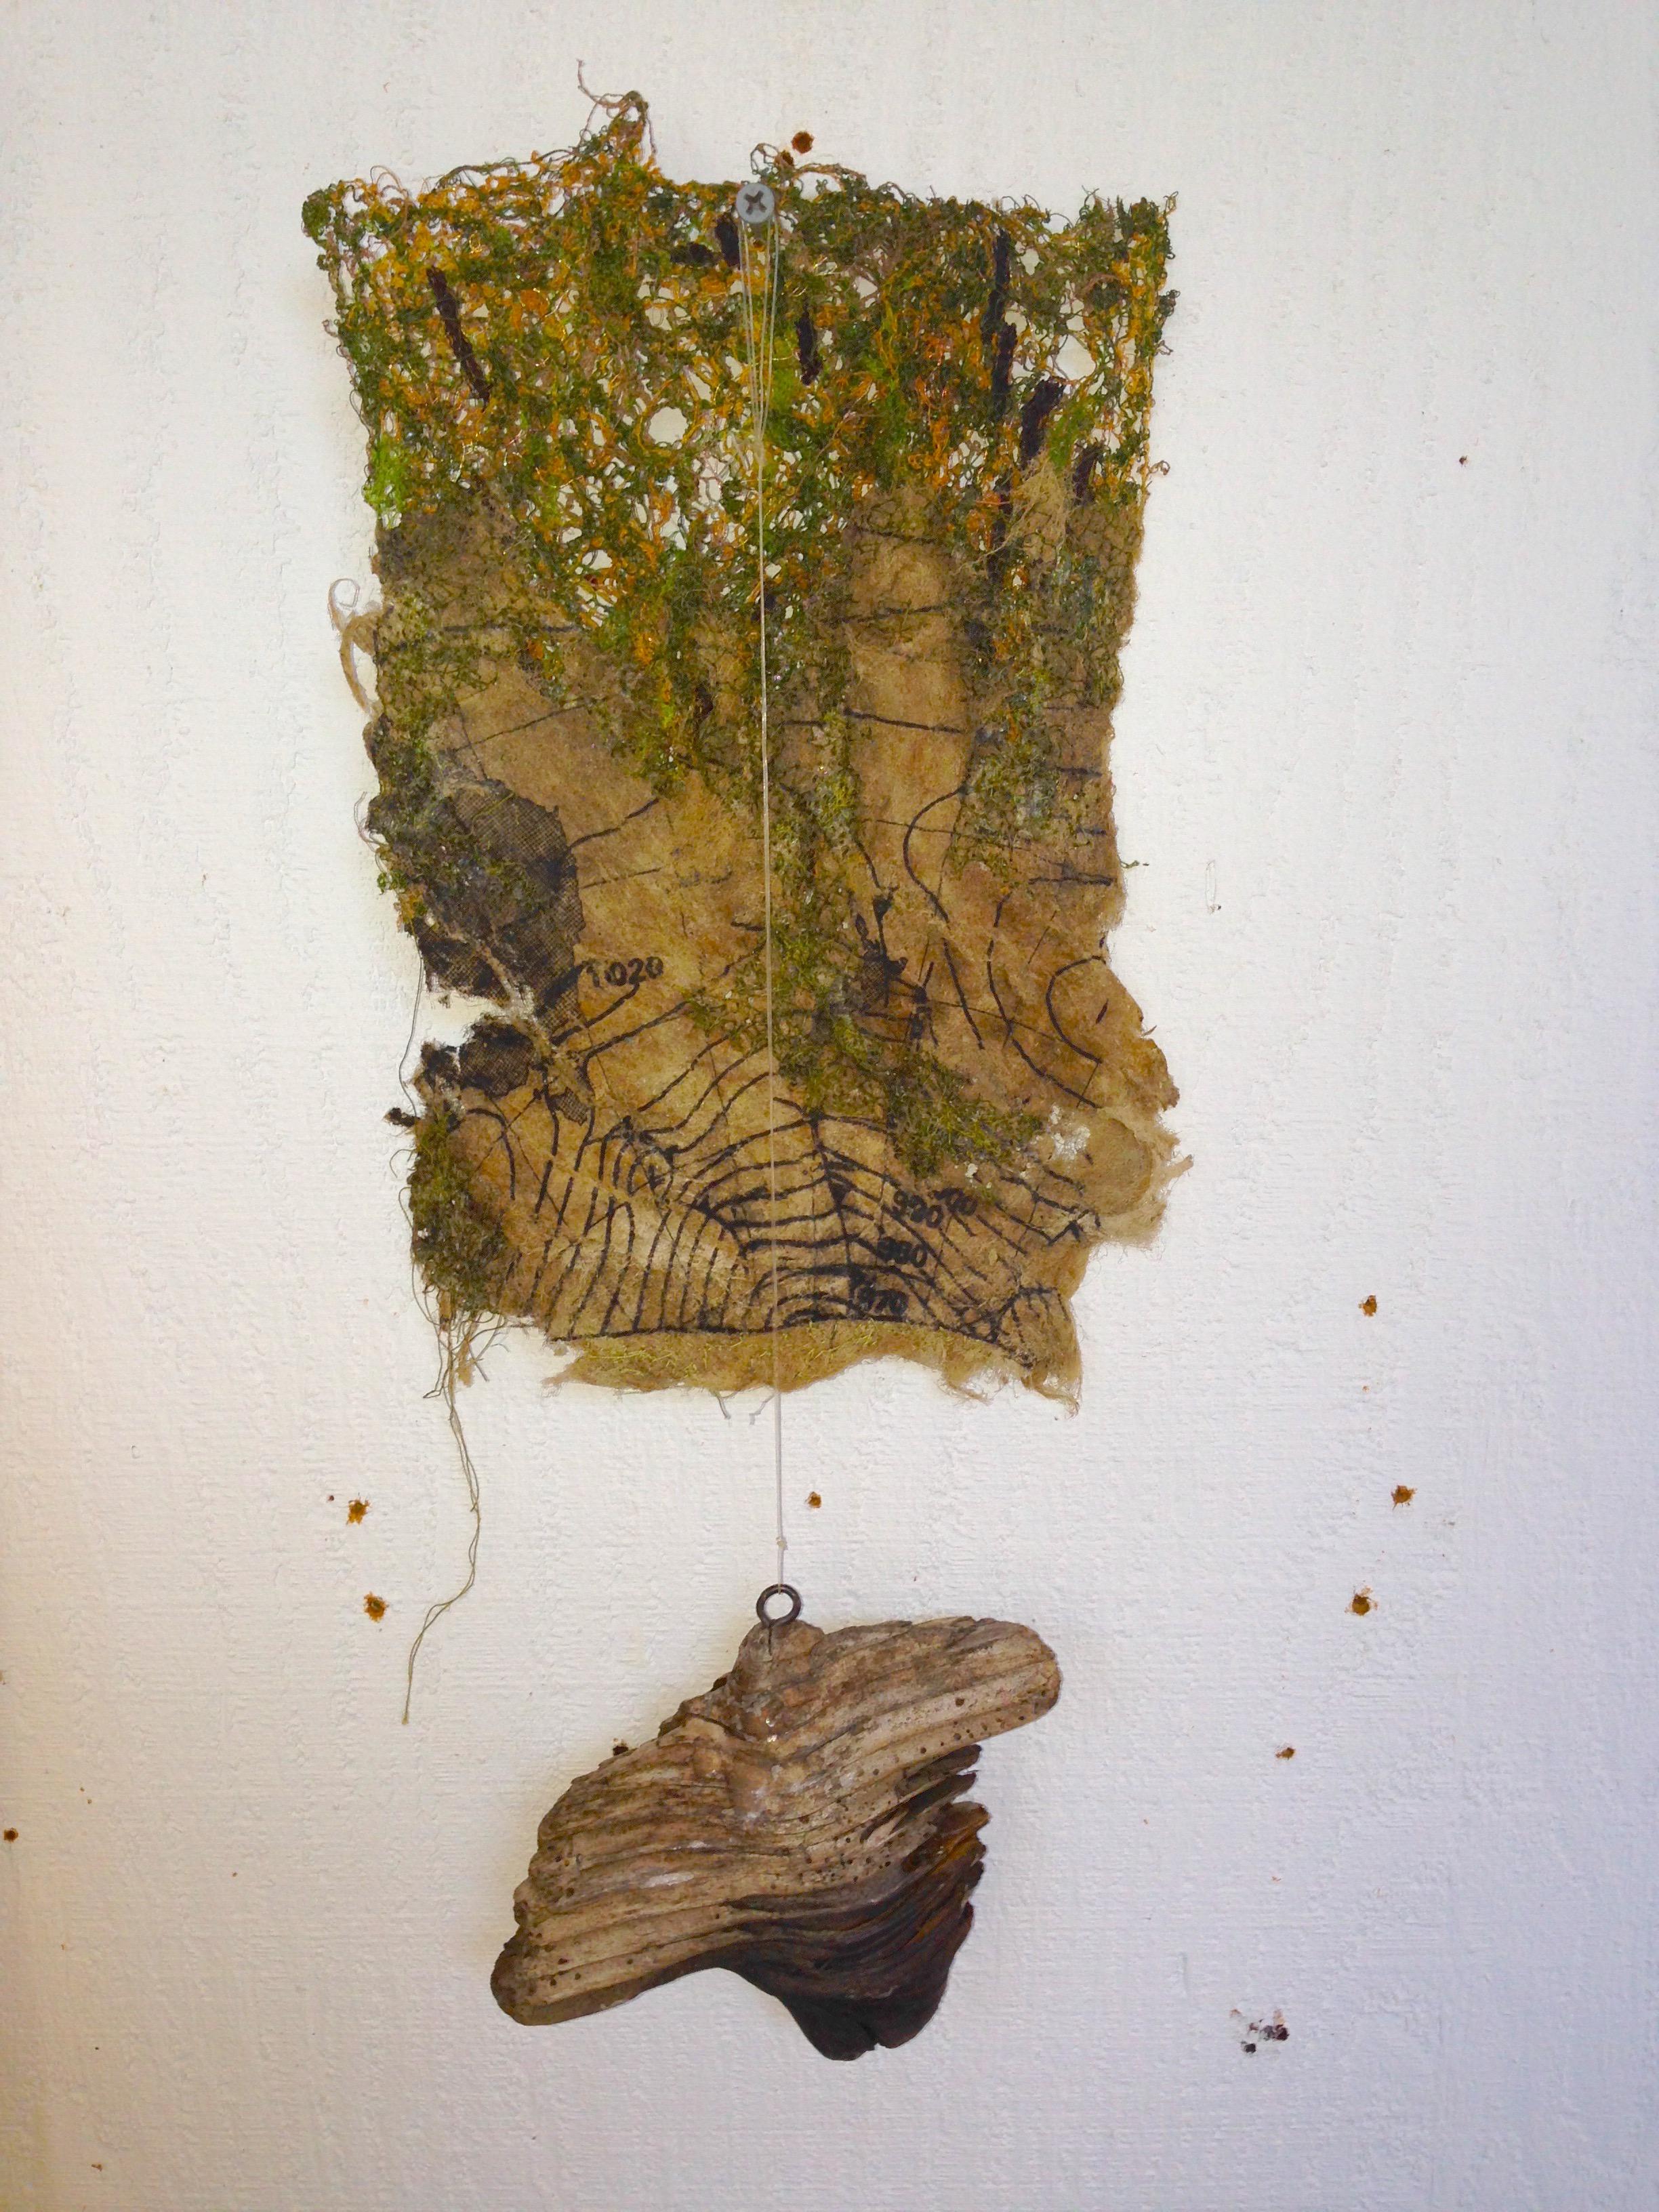 River Algae with Teeth